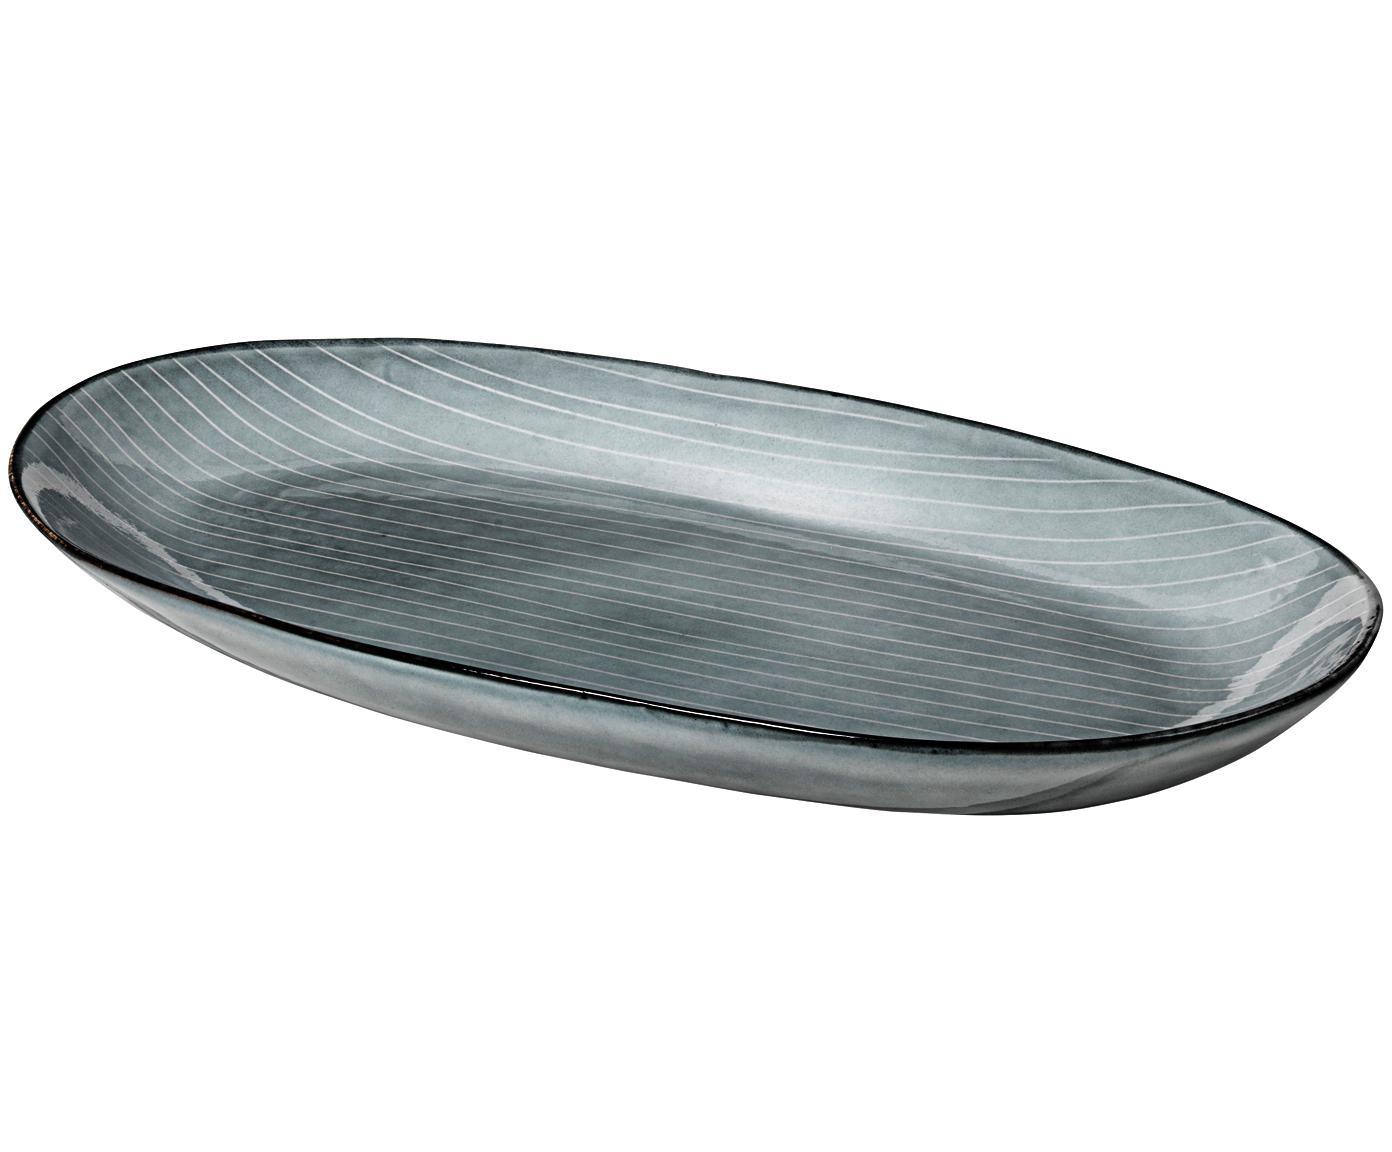 Handgemachte Servierplatte Nordic Sea, Steingut, Grau- und Blautöne, 17 x 30 cm